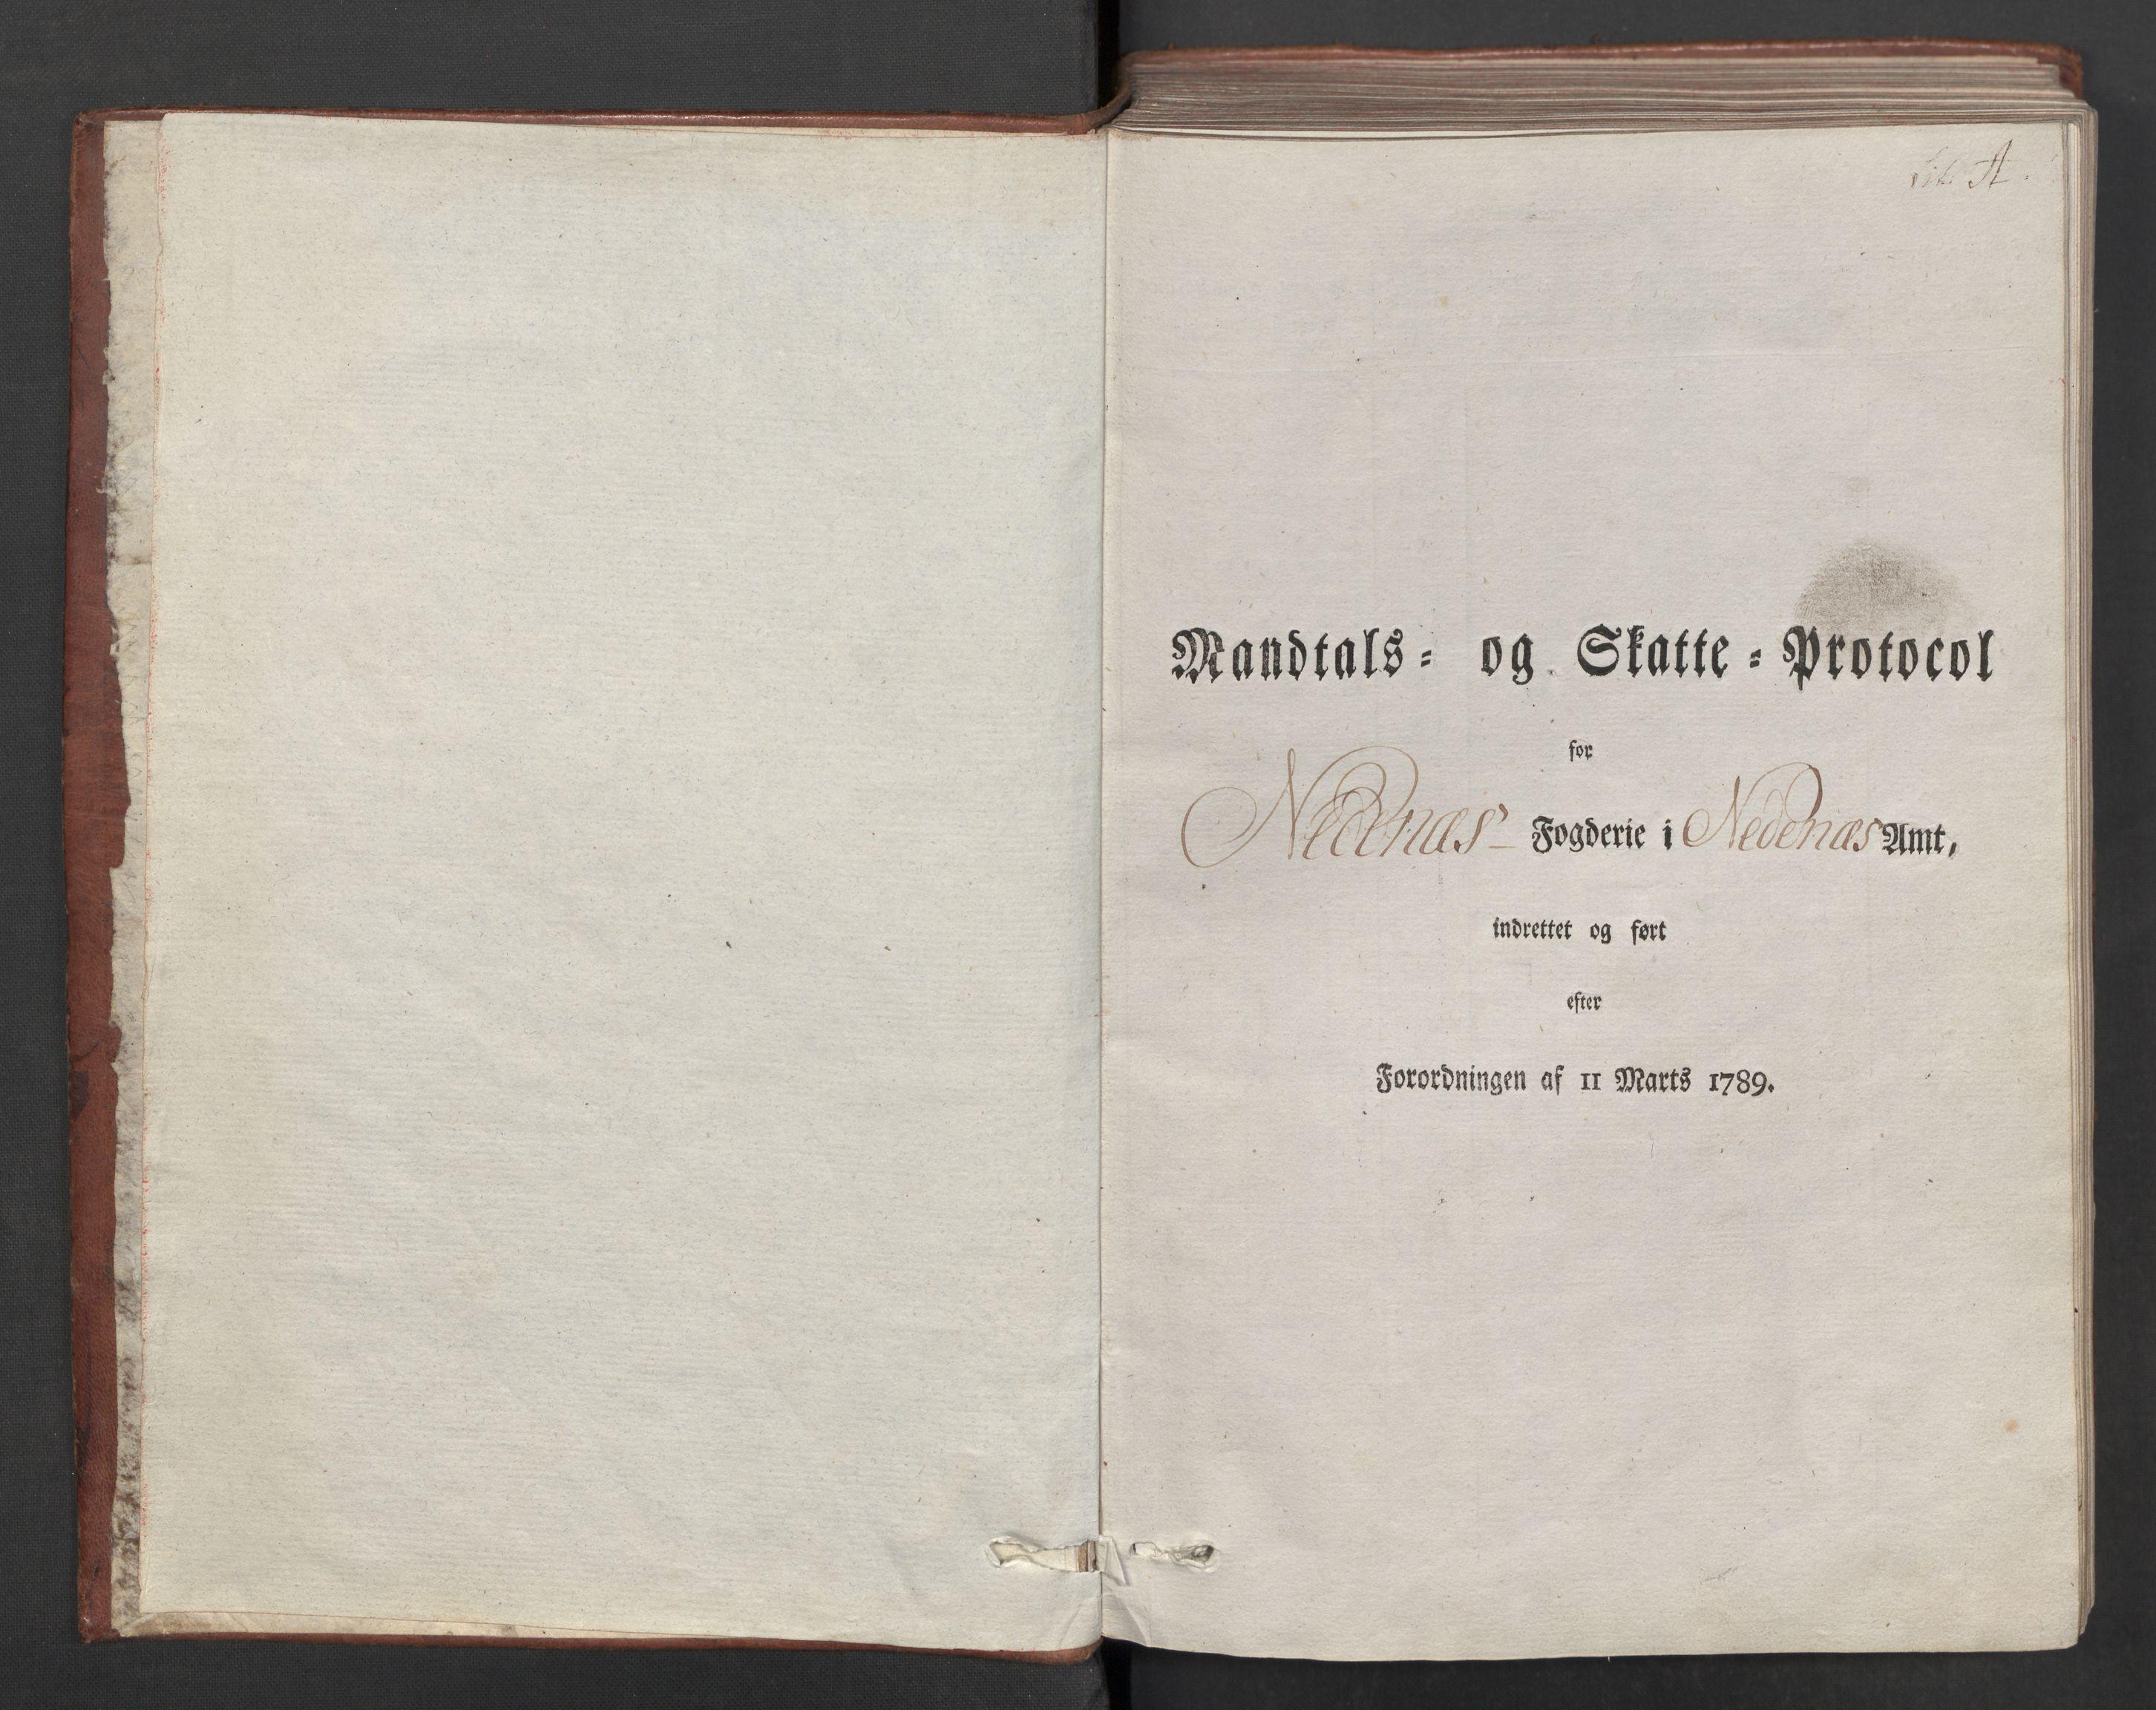 RA, Rentekammeret inntil 1814, Reviderte regnskaper, Mindre regnskaper, Rf/Rfe/L0026: Nedenes fogderi, 1789, s. 3